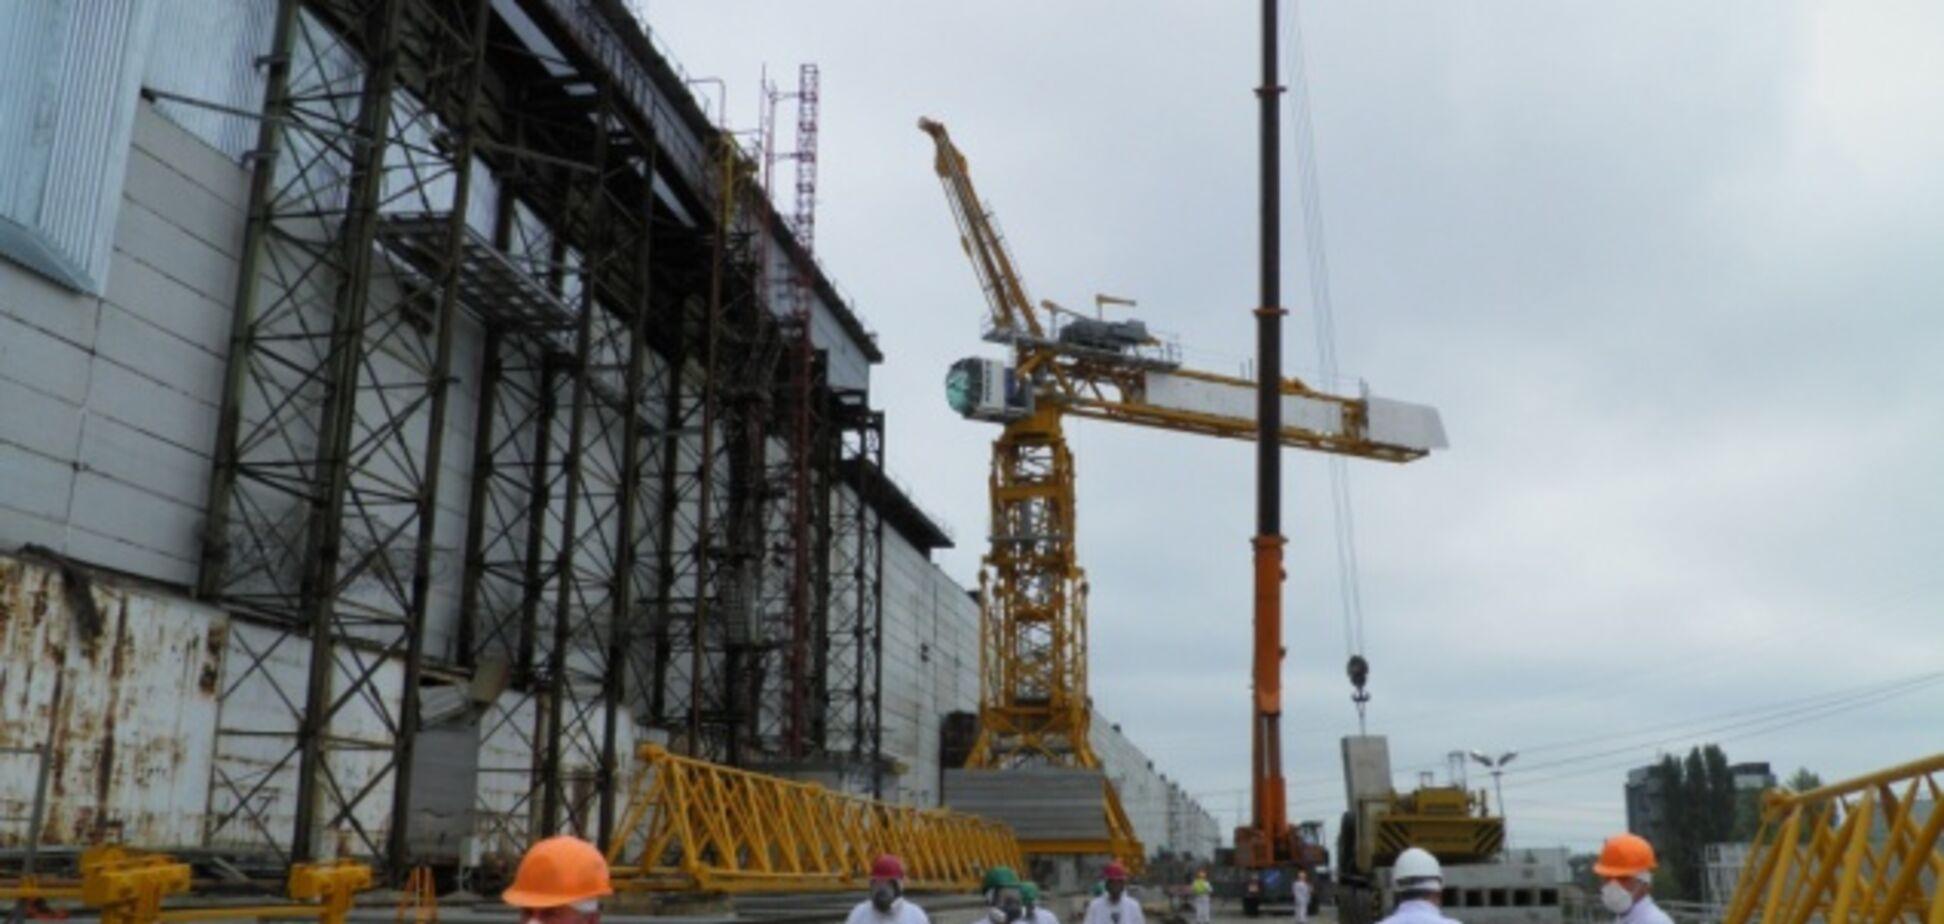 Руководителю компании, возводящей Арку на ЧАЭС, присвоили звание заслуженного строителя